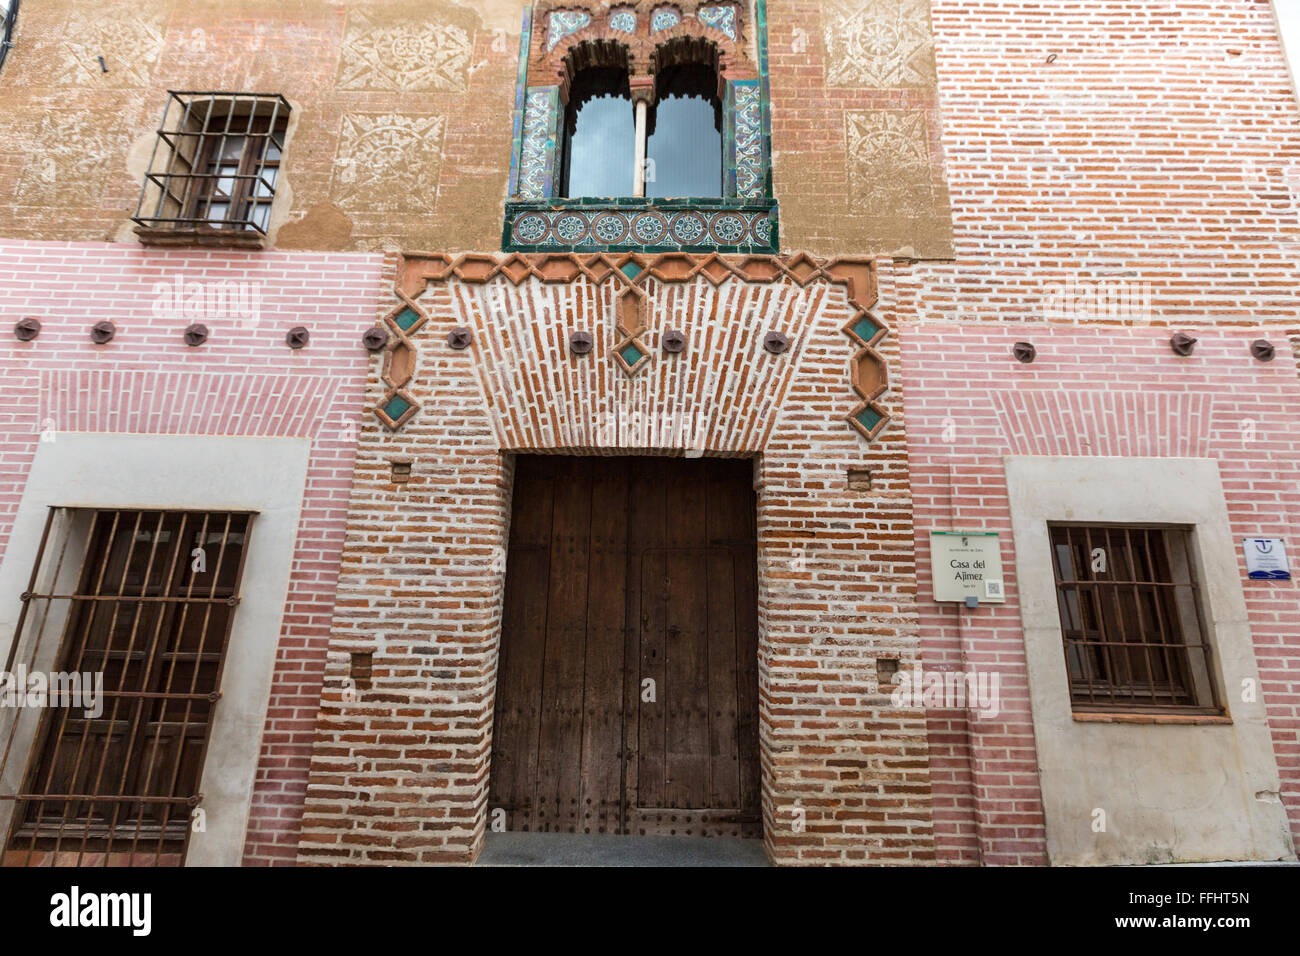 Casa del Ajimez, Mudejar style in Zafra, Extremadura, Spain - Stock Image